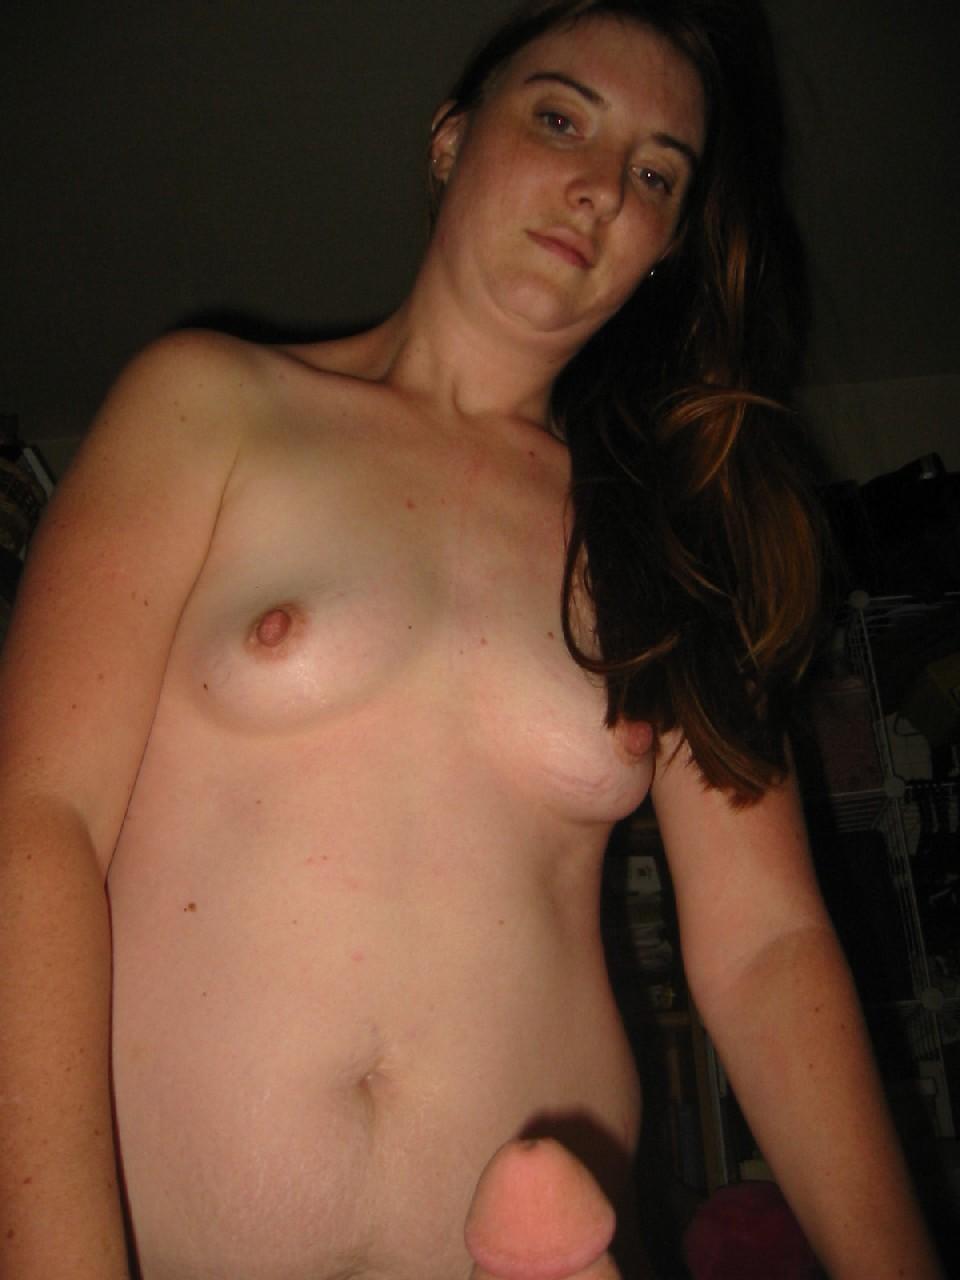 Зрелаятелка с рыжей пиздой сосет хуй и показывает свою грудь клиенту